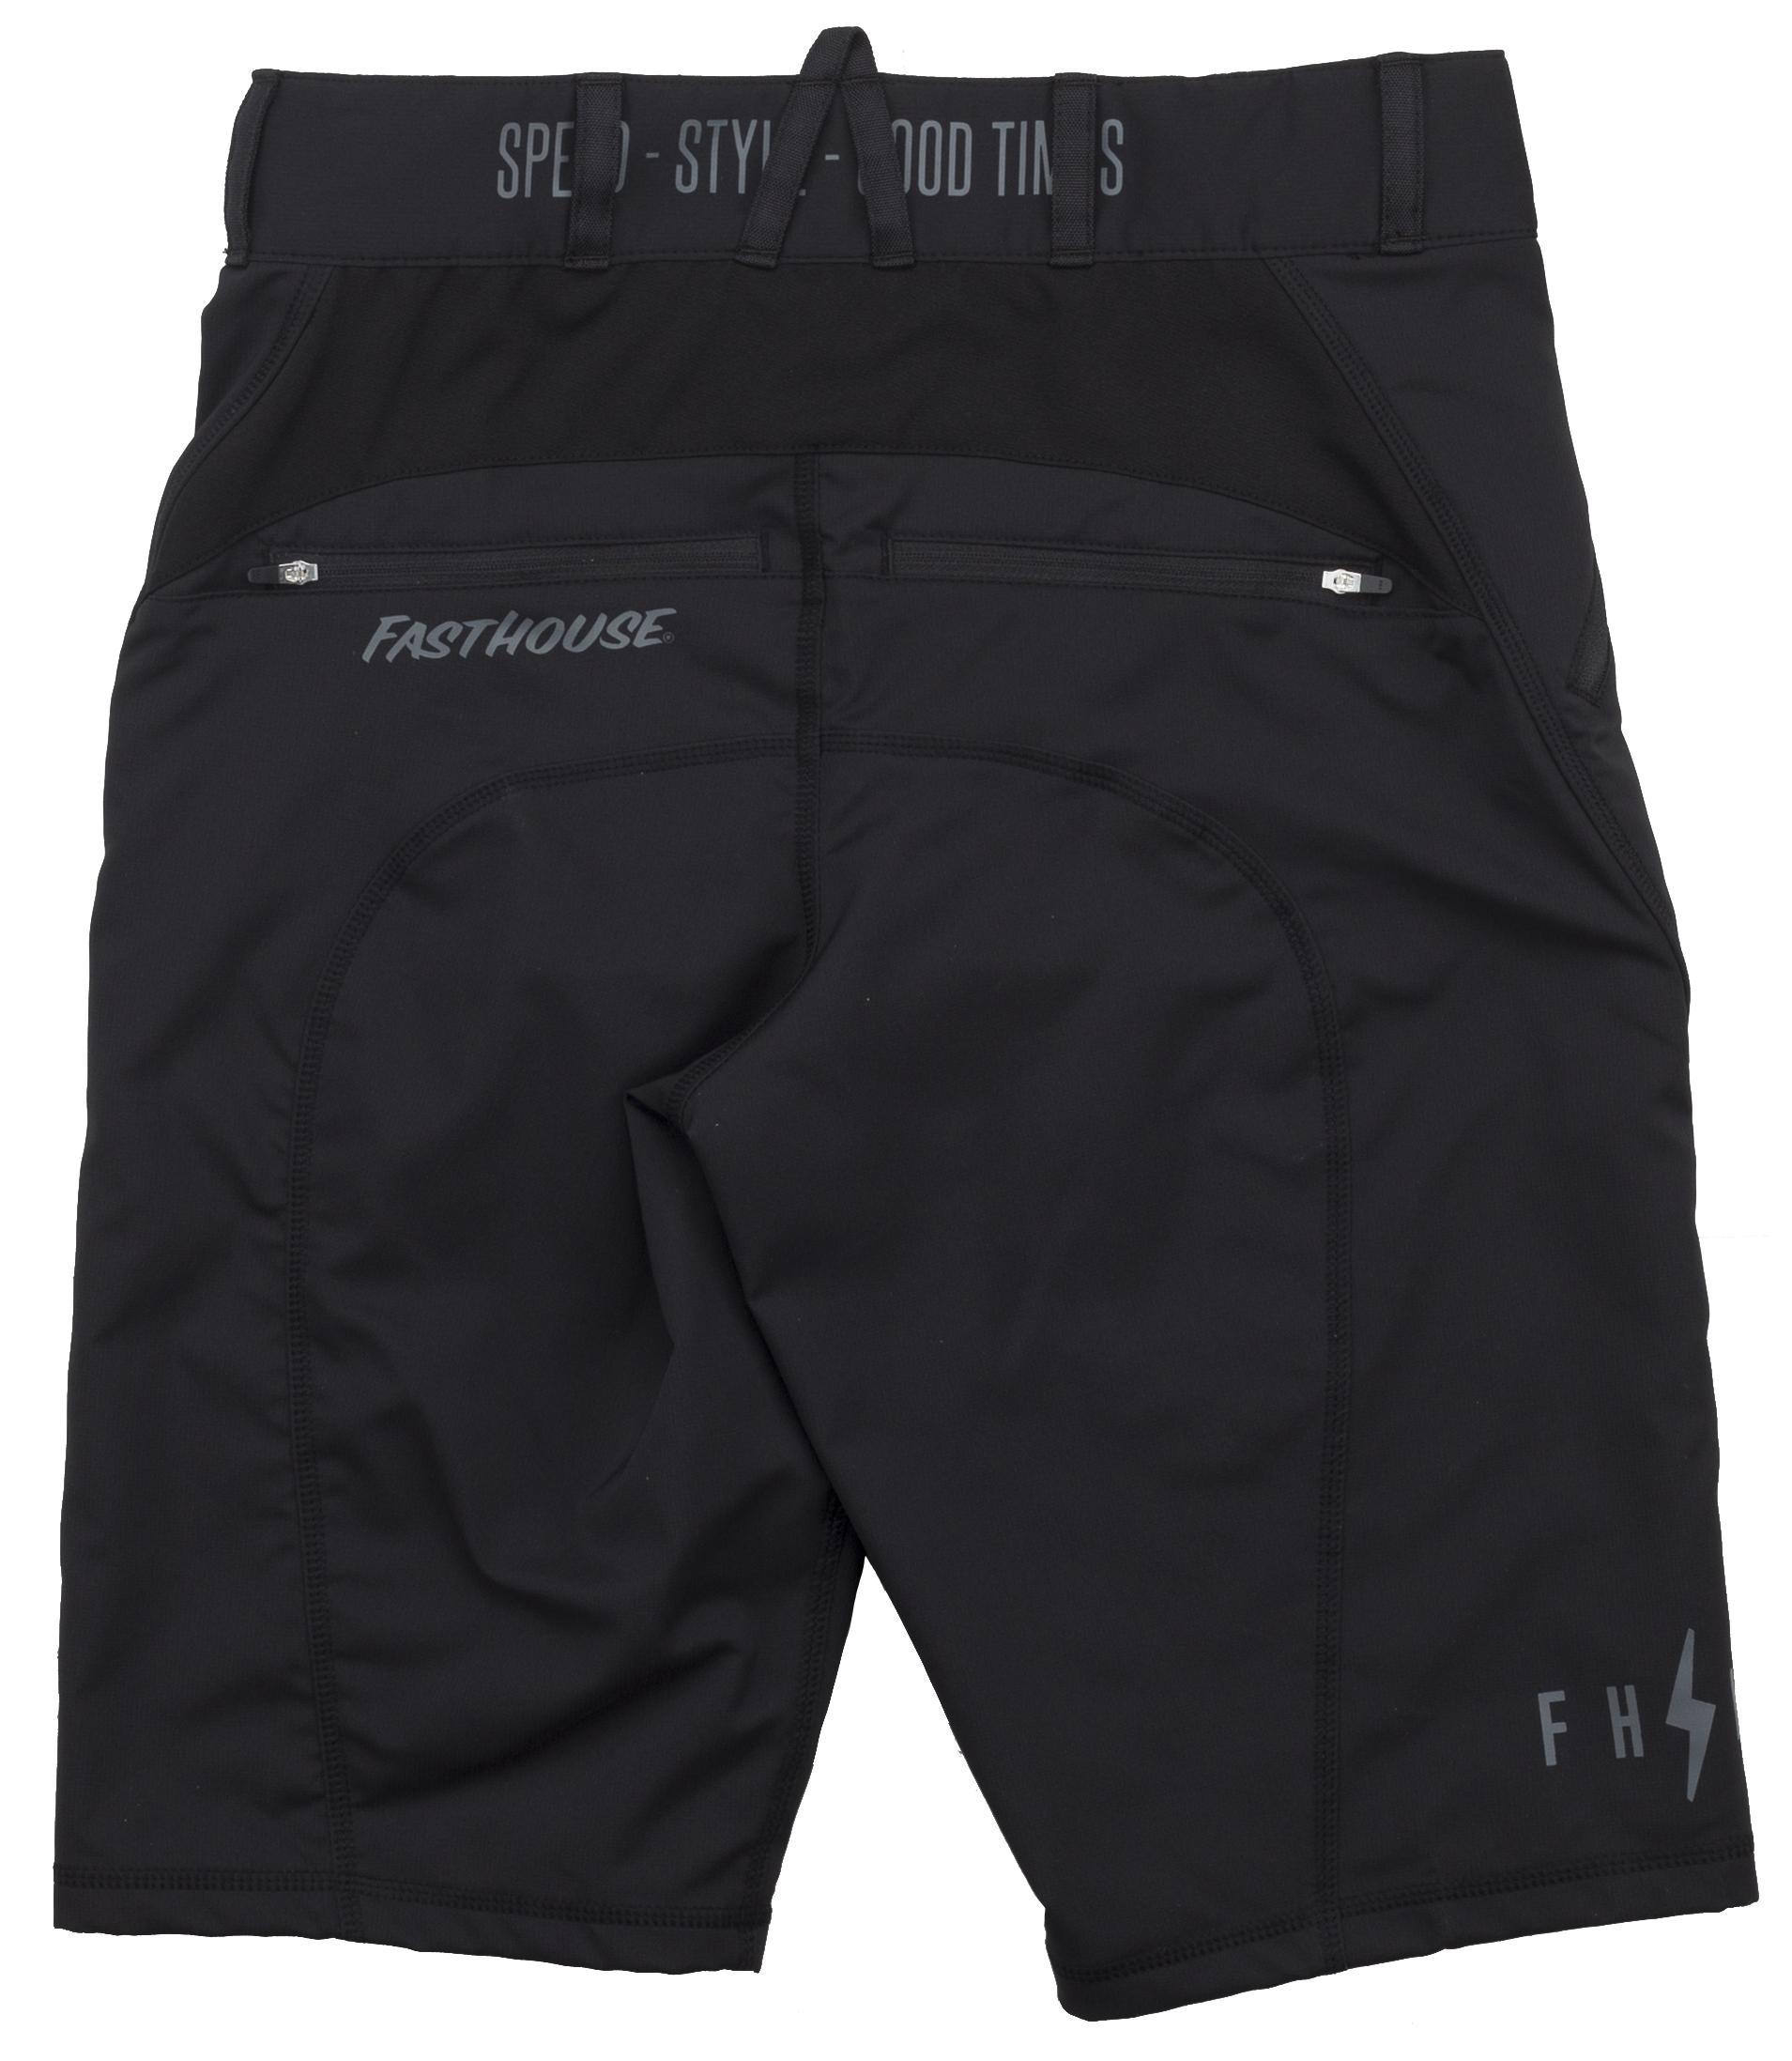 Fasthouse Crossline MTB Shorts Men's Size 42 in Black